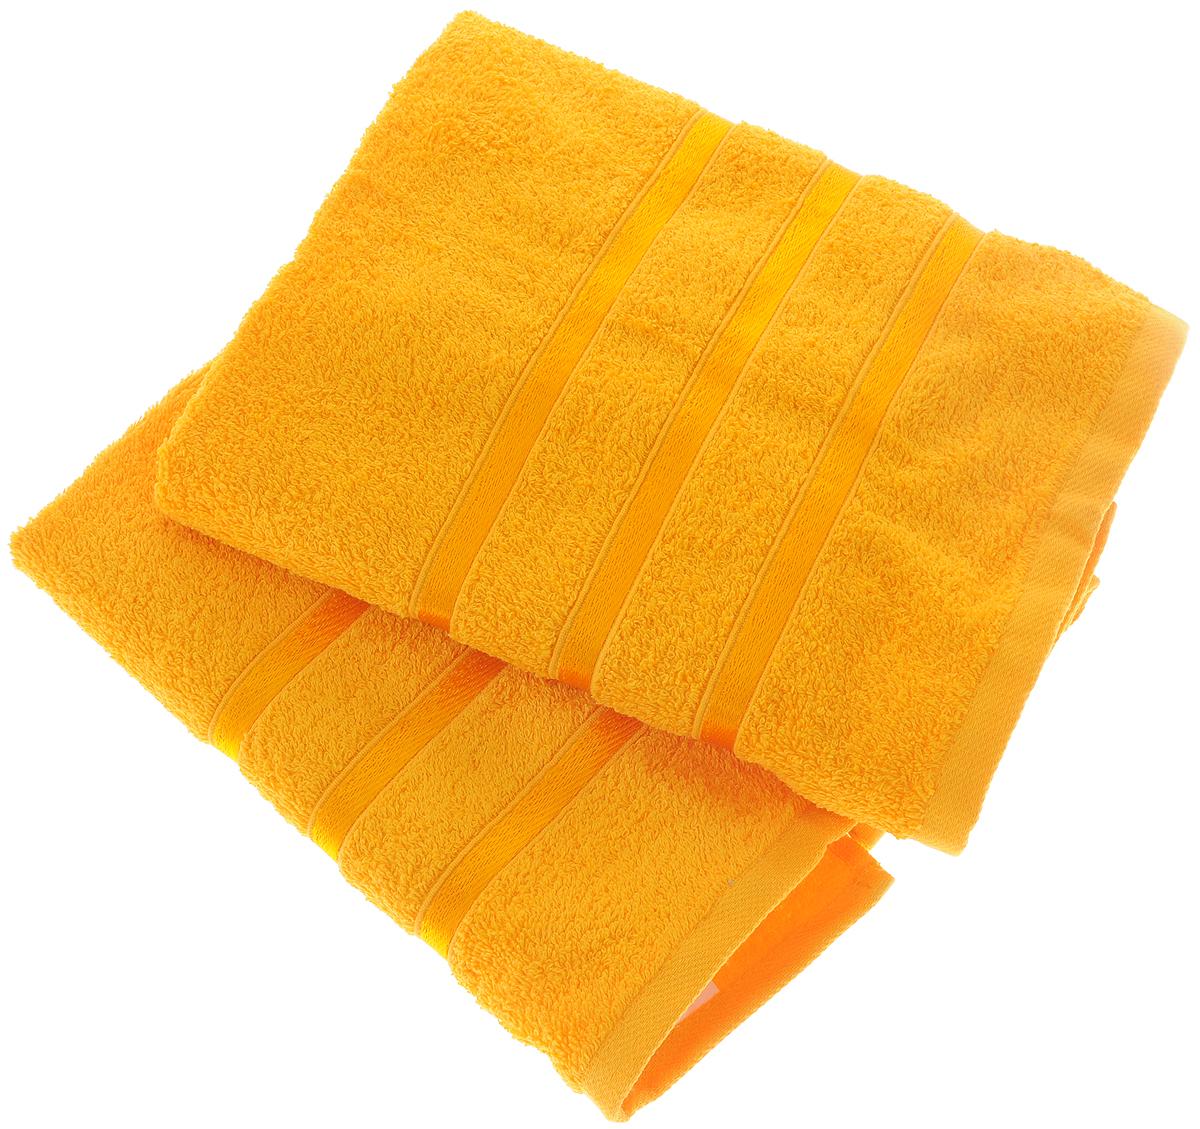 Набор полотенец Tete-a-Tete Ленты, цвет: желтый, 50 х 85 см, 2 шт80663Набор Tete-a-Tete Ленты состоит из двух махровых полотенец, выполненных из натурального 100% хлопка. Бордюр полотенец декорирован лентами. Изделия мягкие, отлично впитывают влагу, быстро сохнут, сохраняют яркость цвета и не теряют форму даже после многократных стирок. Полотенца Tete-a-Tete Ленты очень практичны и неприхотливы в уходе. Они легко впишутся в любой интерьер благодаря своей нежной цветовой гамме. Набор упакован в красивую коробку и может послужить отличной идеей для подарка.Размер полотенец: 50 х 85 см.